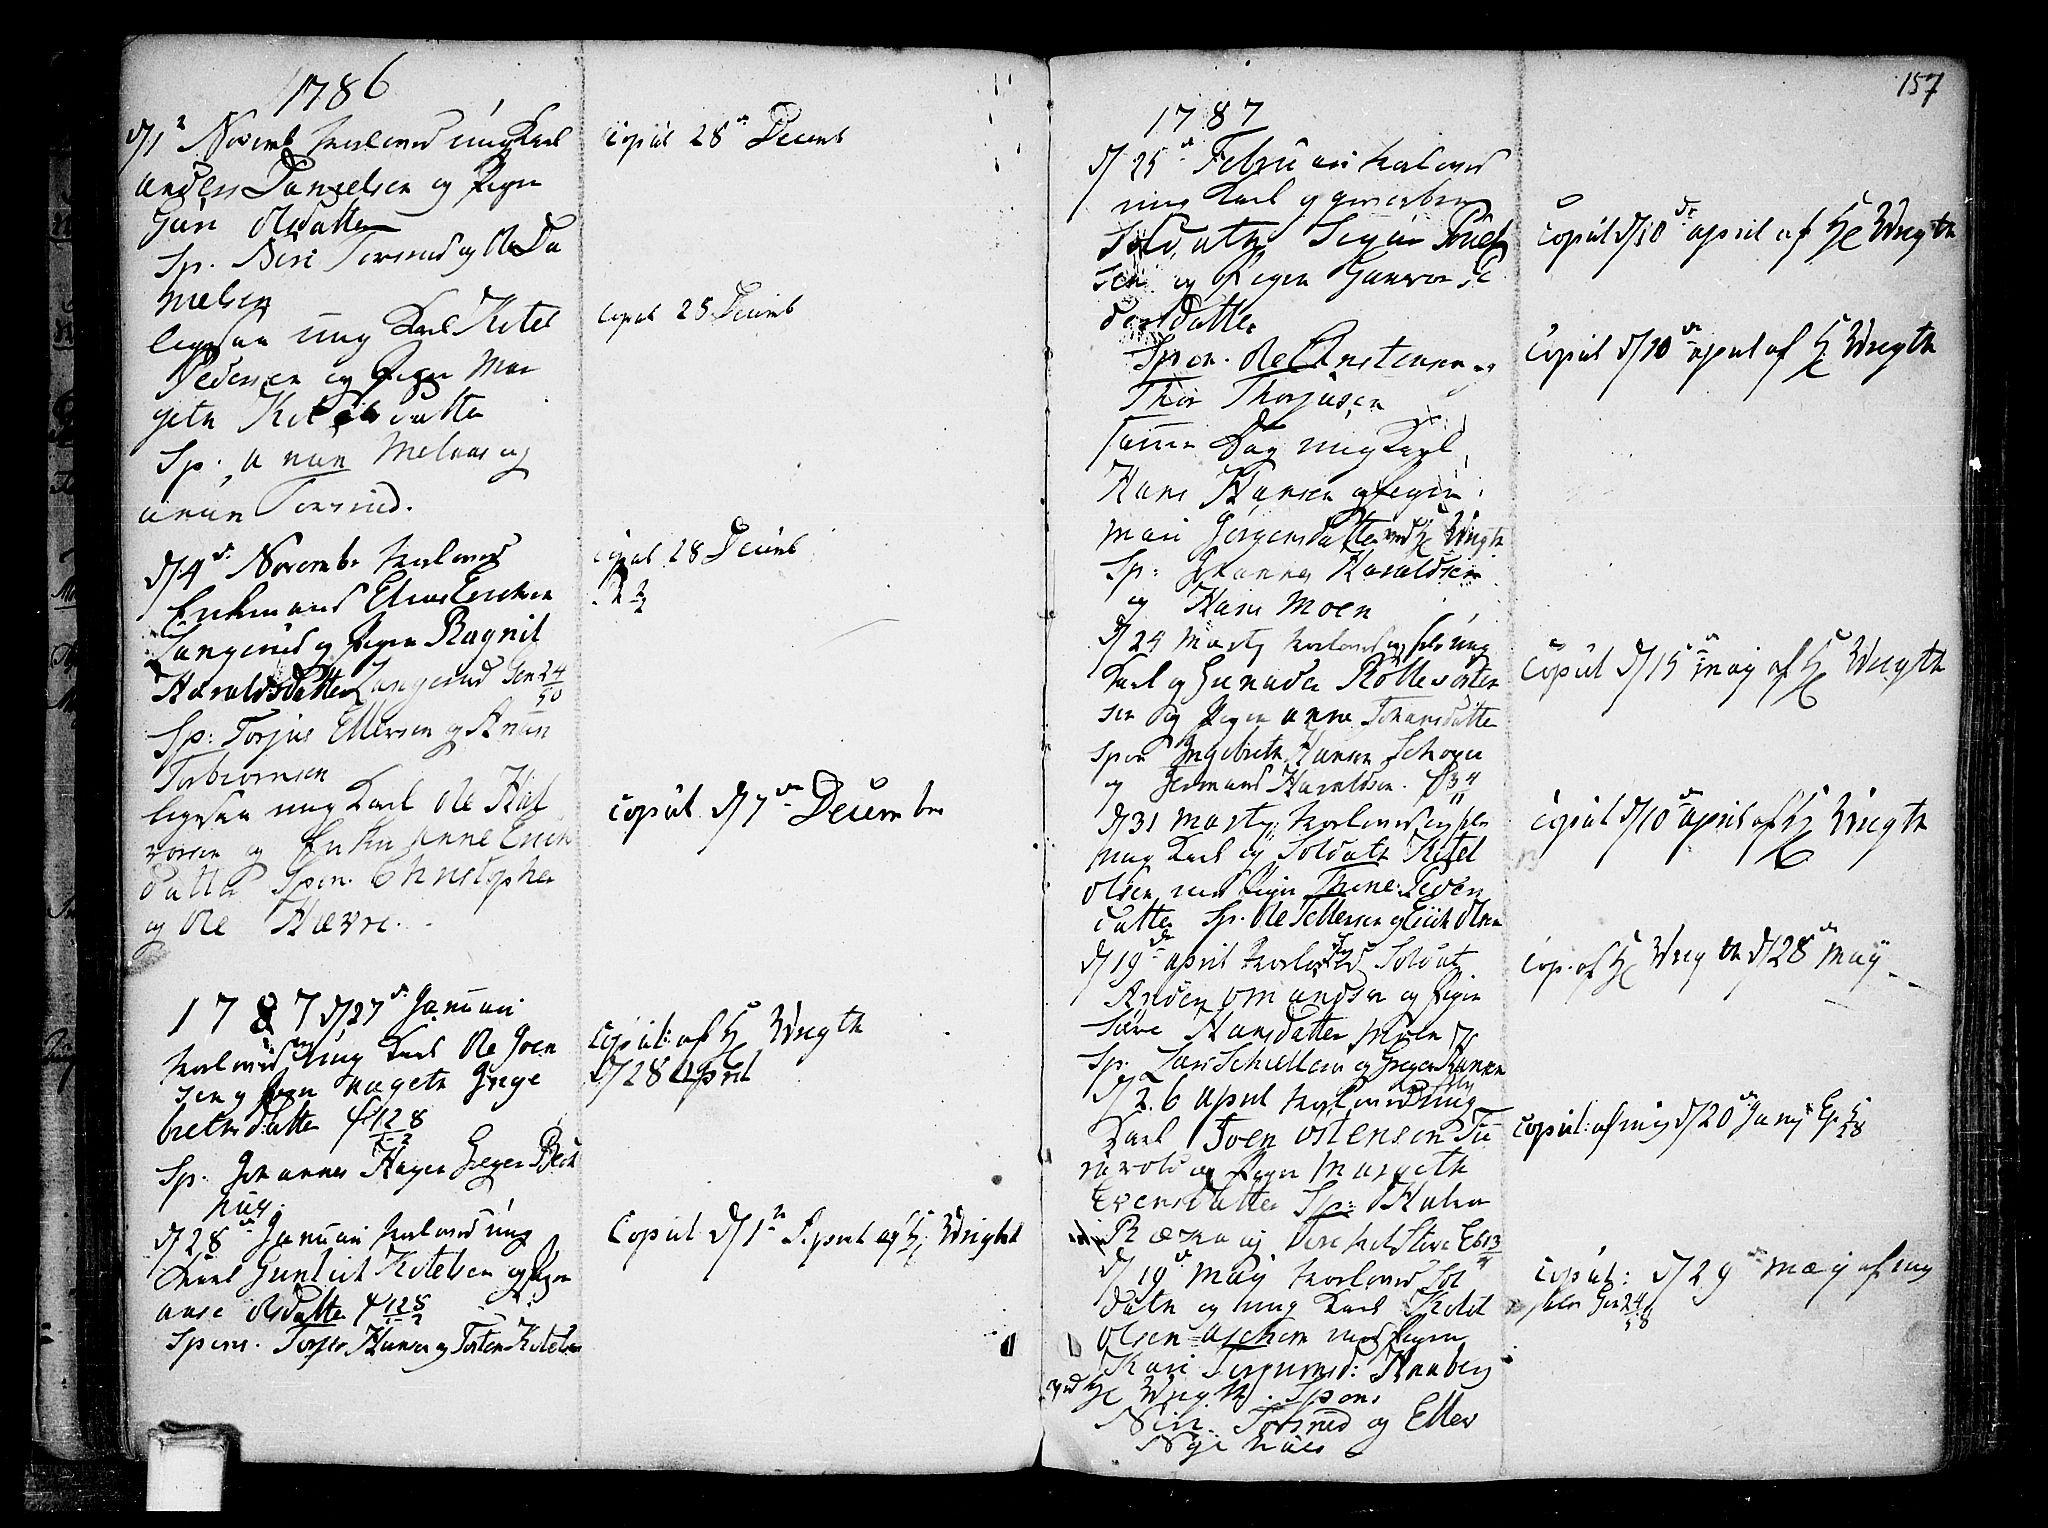 SAKO, Heddal kirkebøker, F/Fa/L0004: Ministerialbok nr. I 4, 1784-1814, s. 157